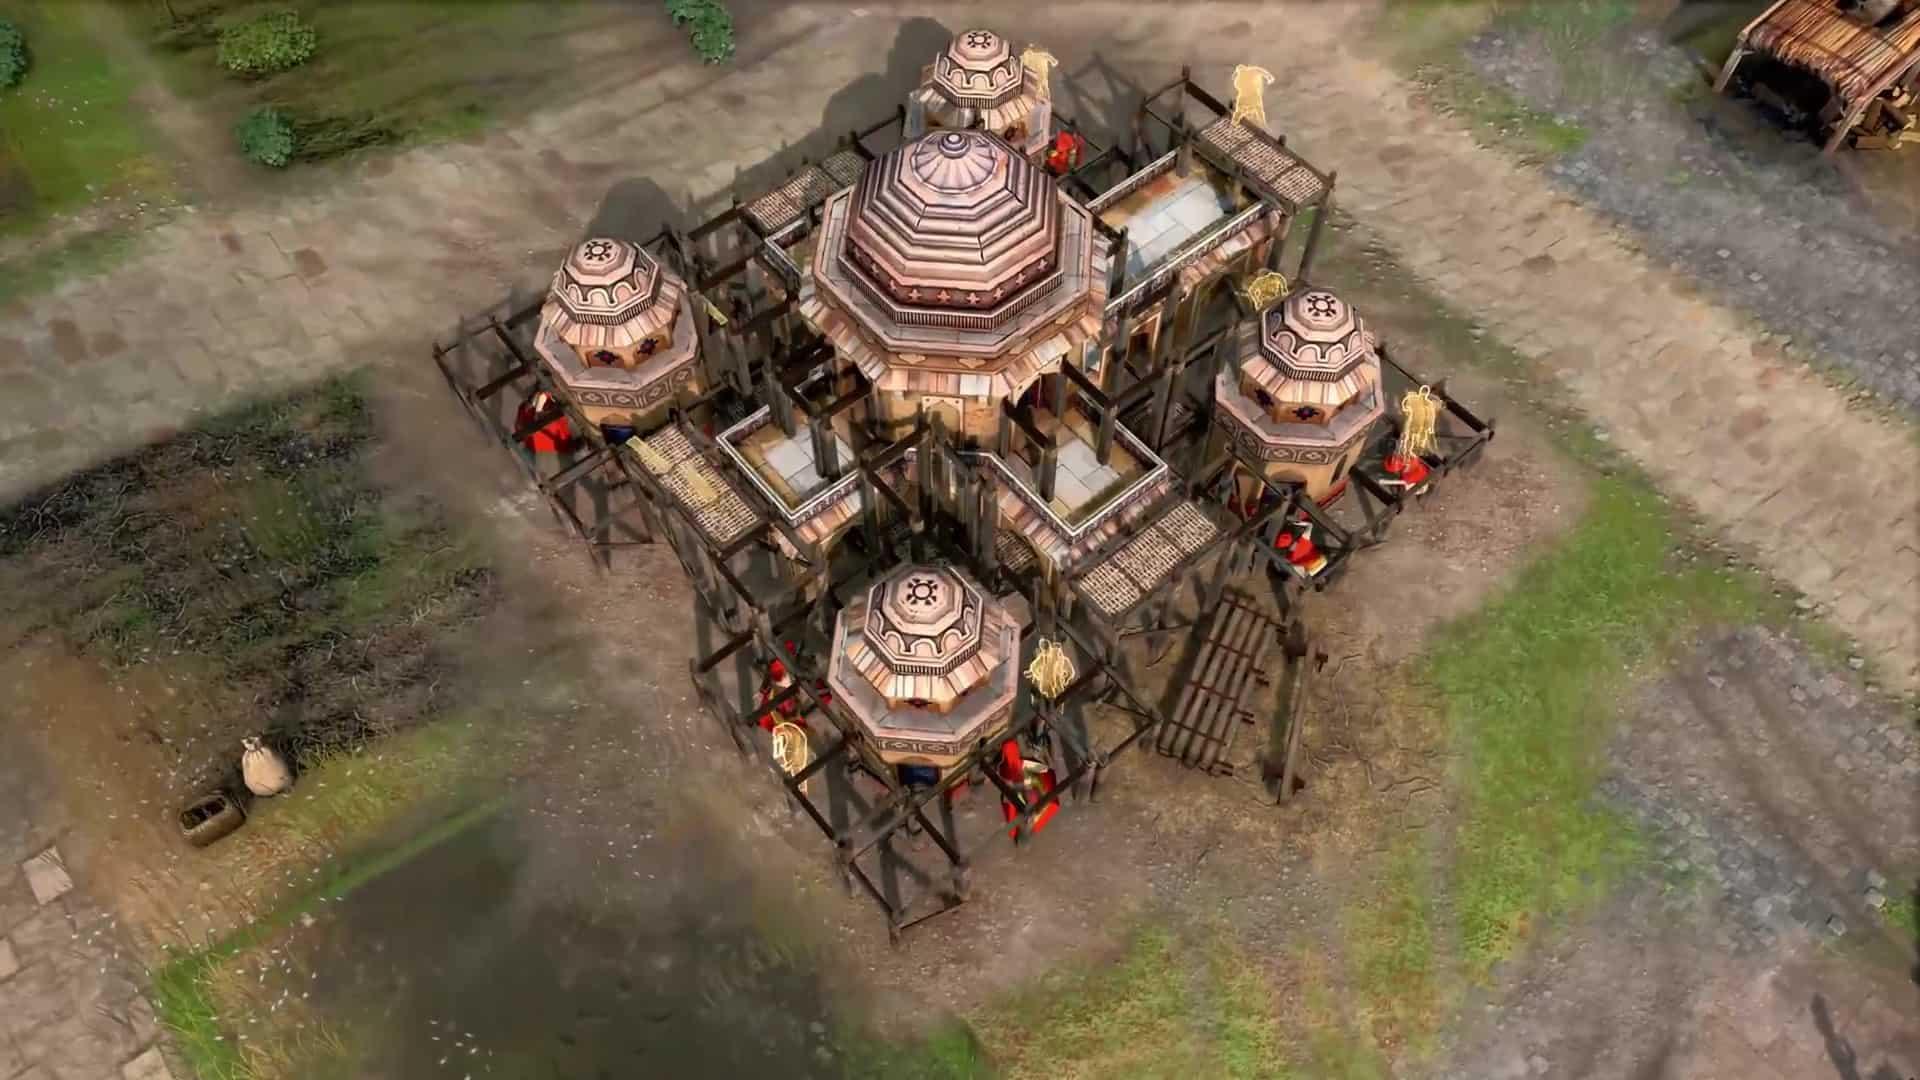 몽골과 중국 문명을 다루며, 각 문명의 특색을 드러내는 구조물 등도 공개되었다